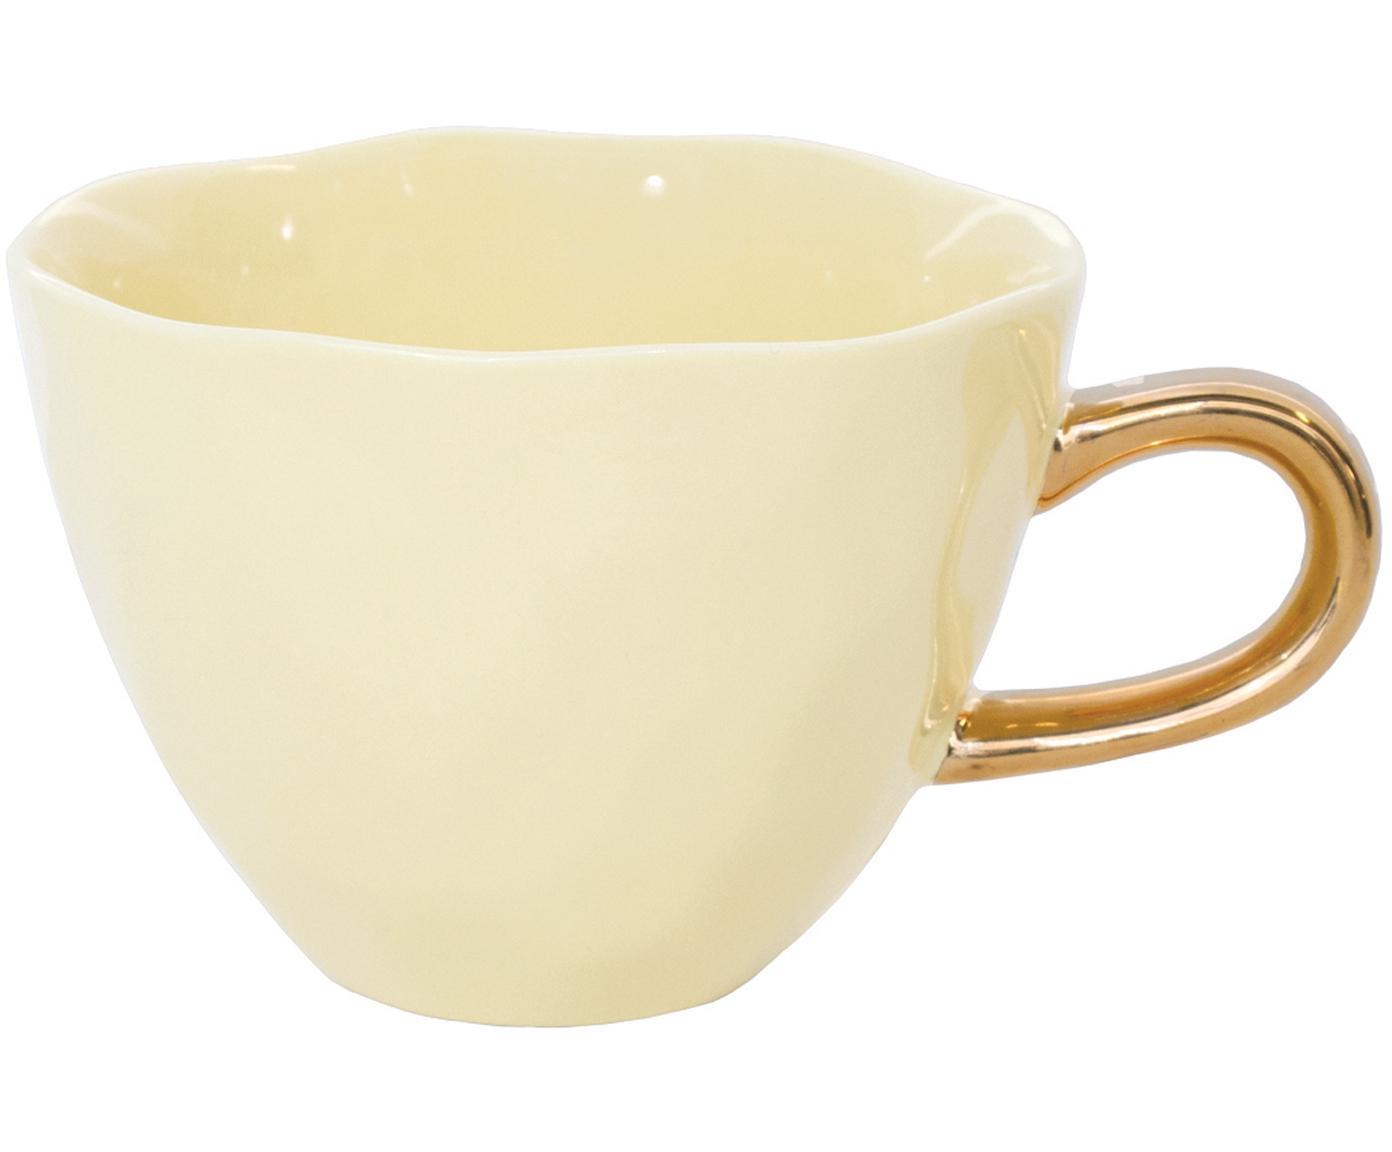 Tasse Good Morning in Gelb mit goldenem Griff, Steingut, Gelb, Goldfarben, Ø 11 x H 8 cm